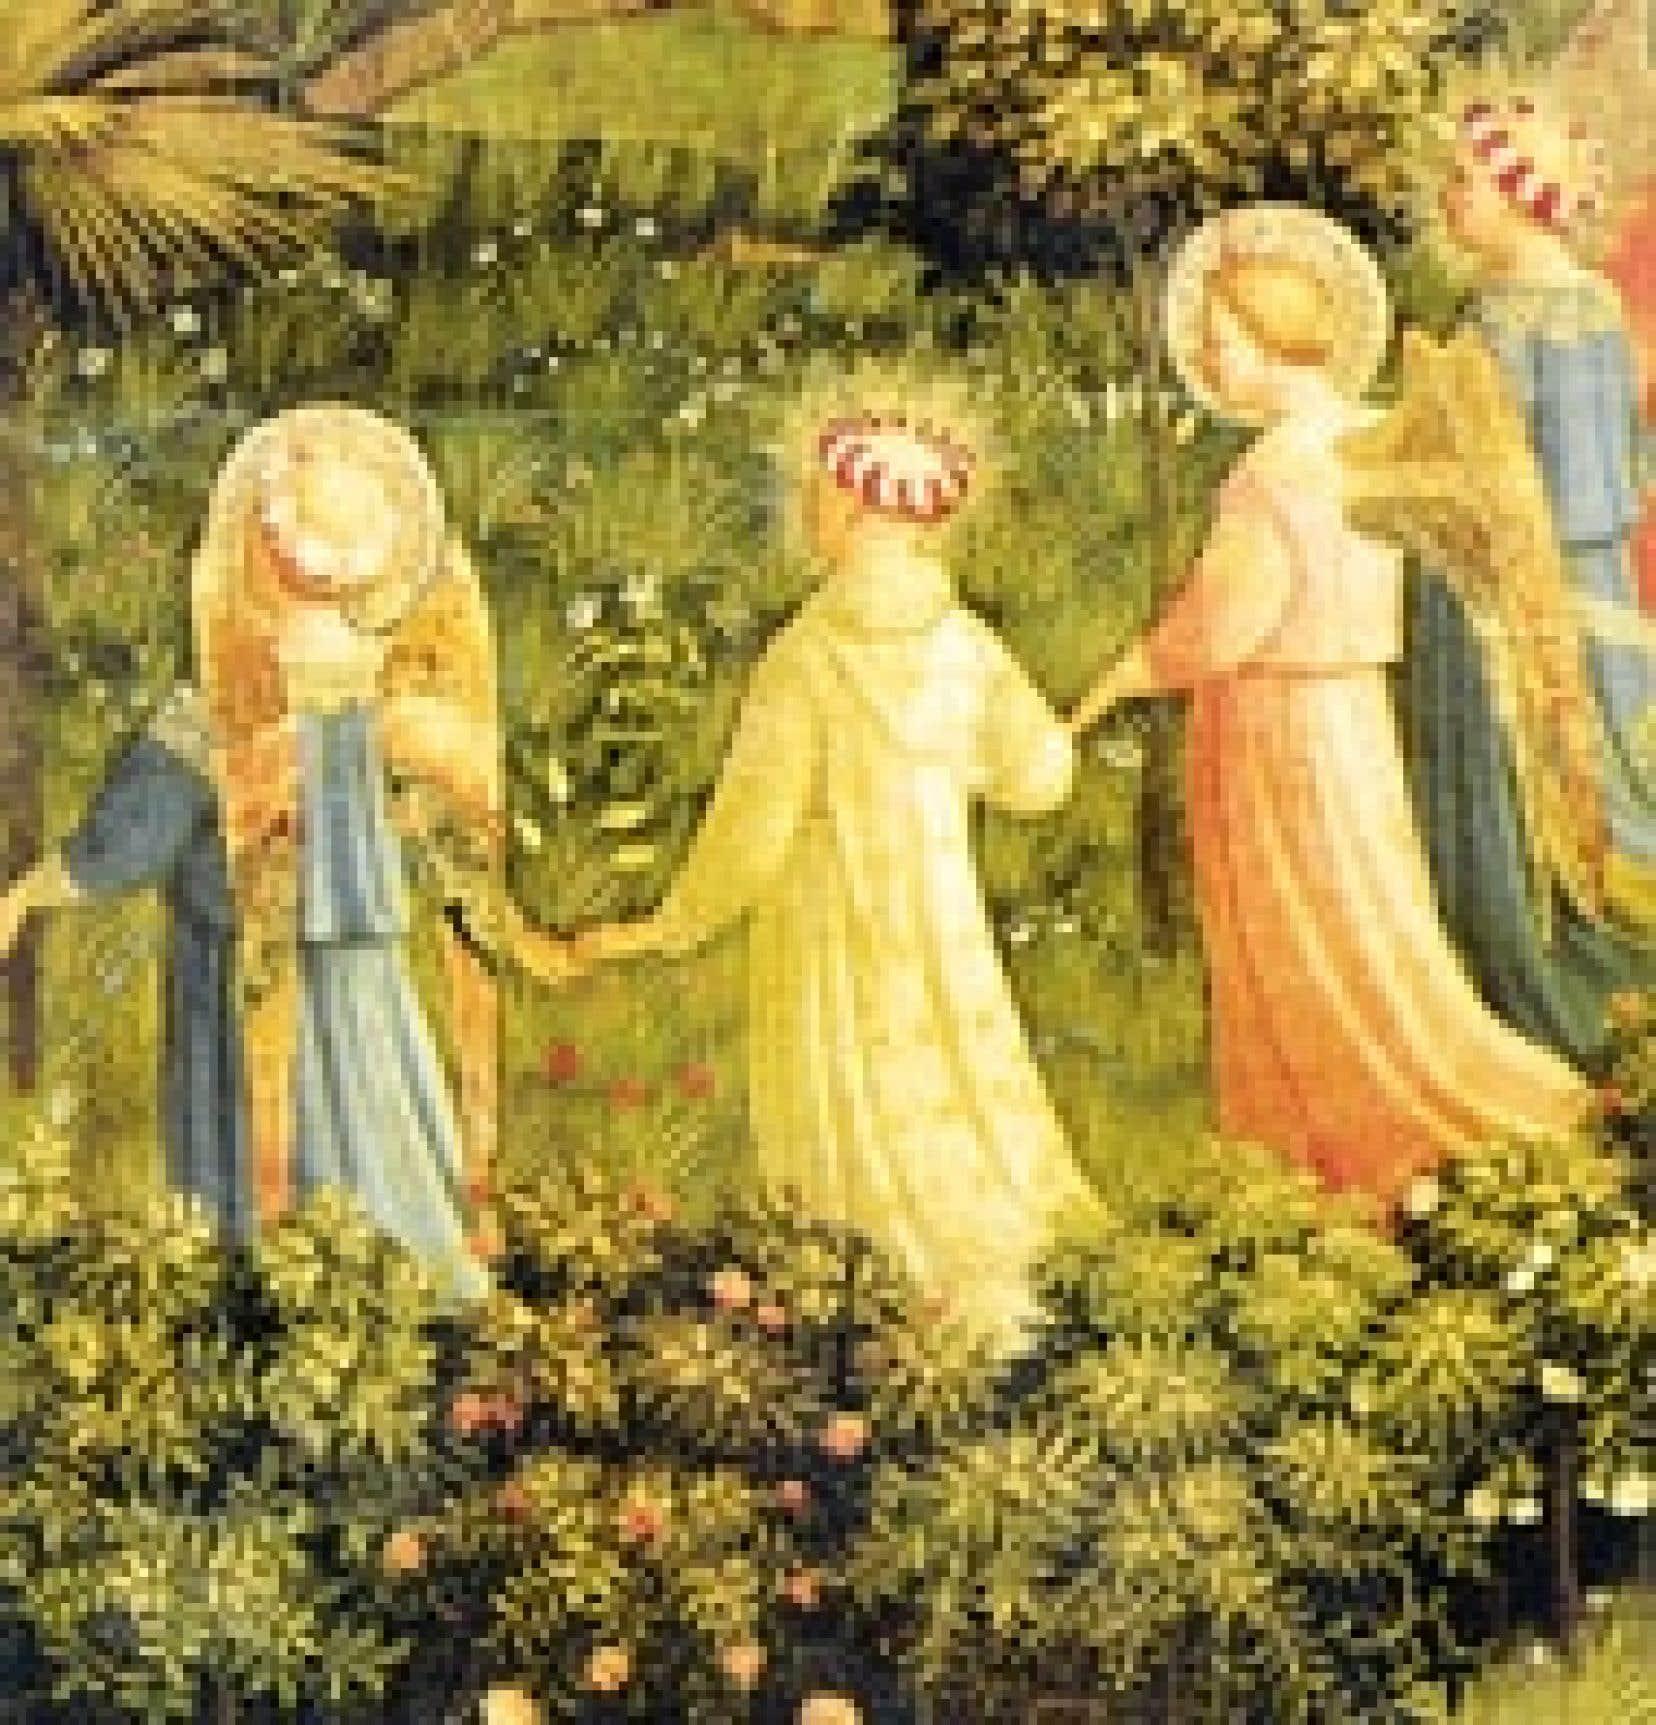 Nul doute que le pape sera invité au paradis en pieuse compagnie. Illustration tirée d'Angels, Gilles Néret, «Icons», Taschen (de même que la photo ci-dessus).